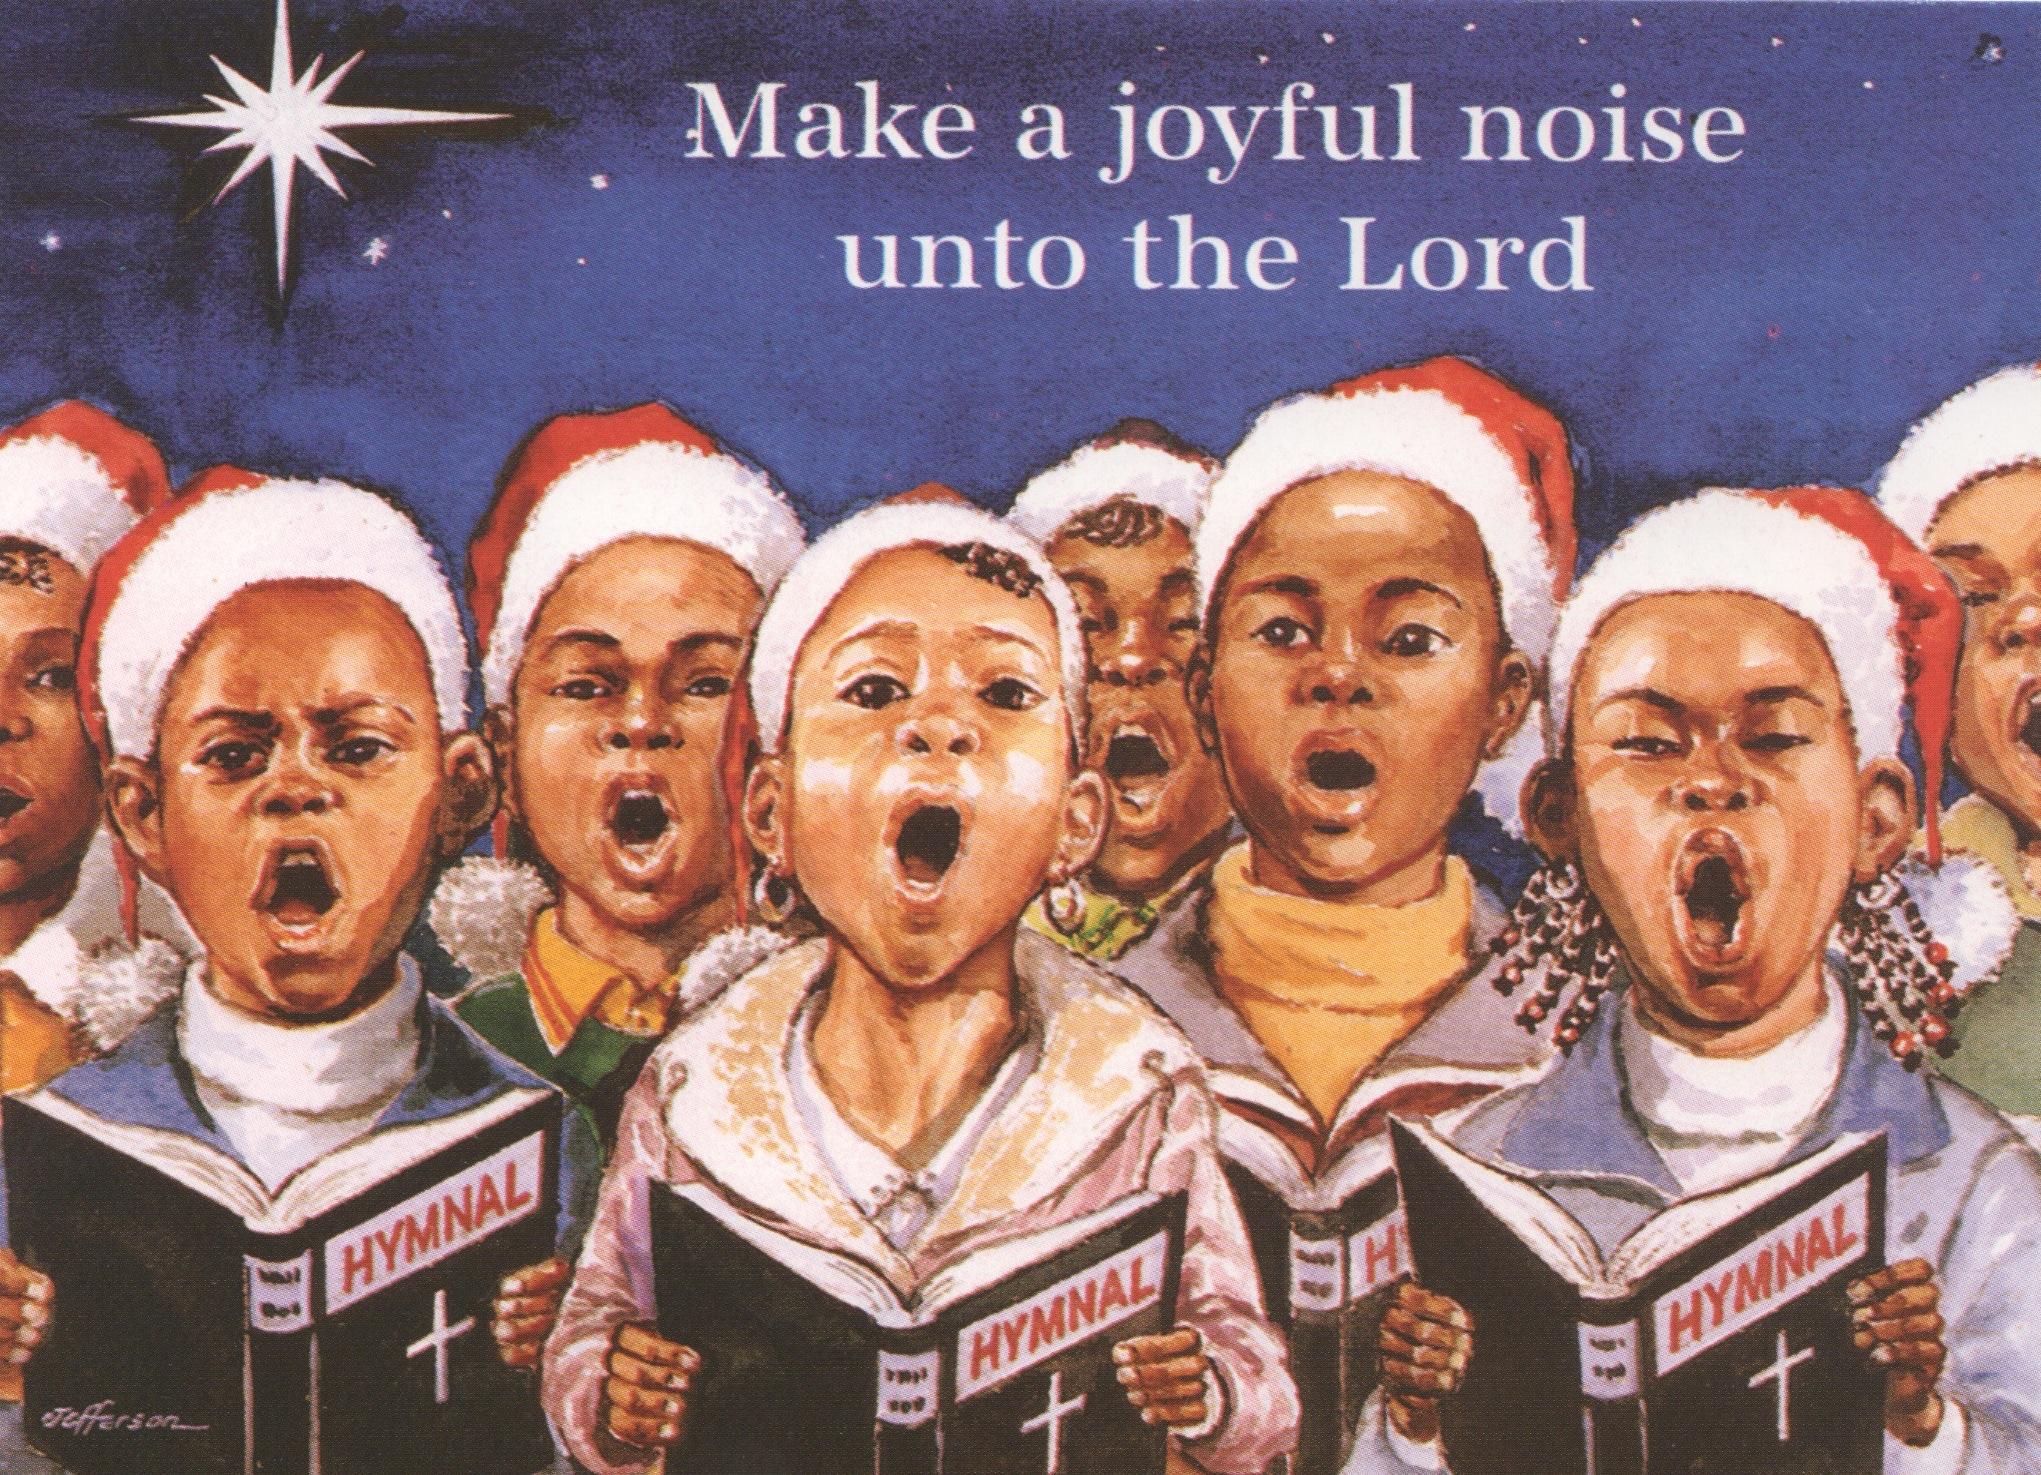 C02 Joyful Noise Christmas Card JonMar Greeting Cards